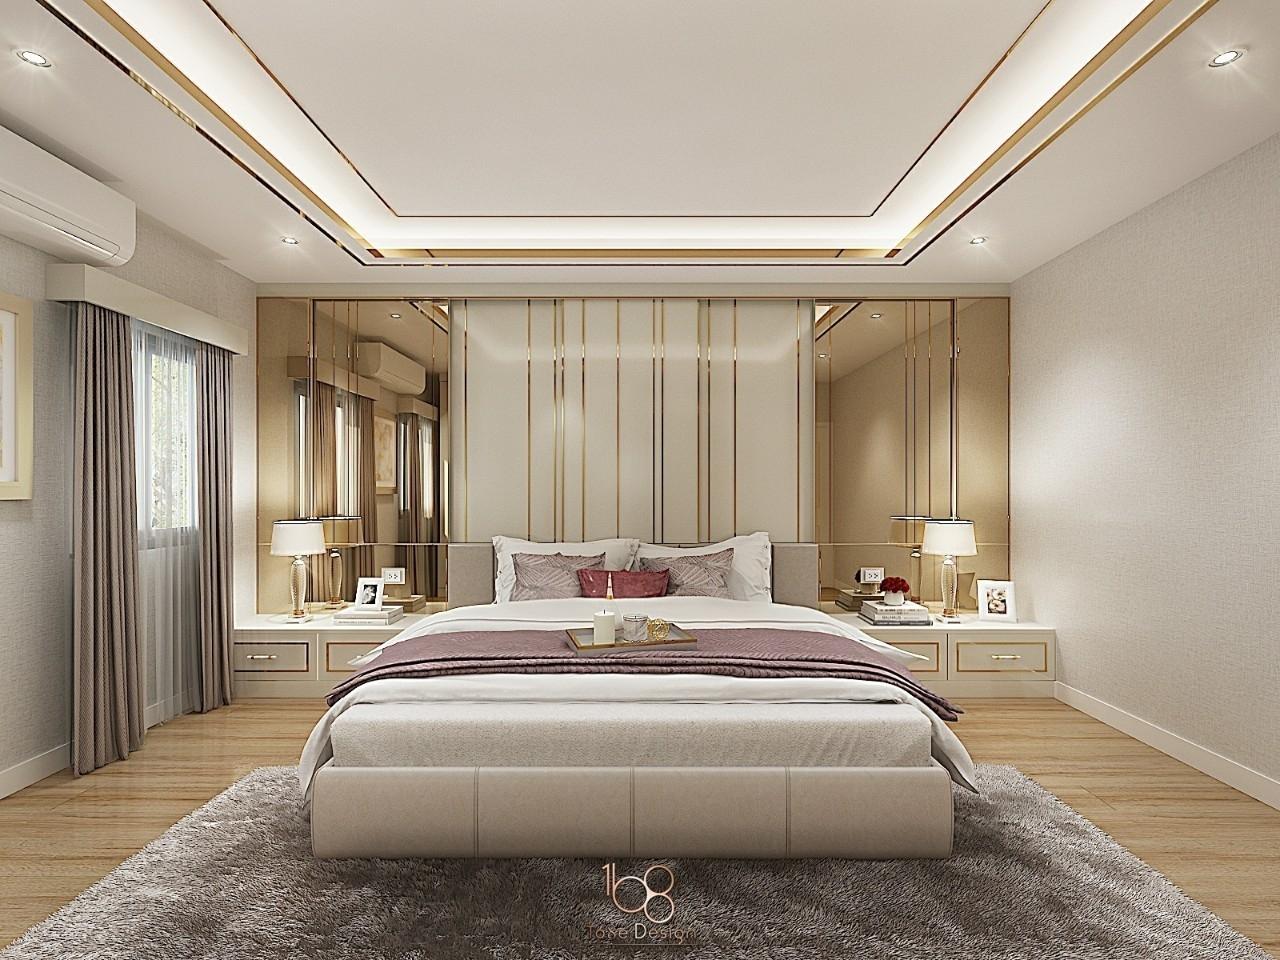 ออกแบบภายในห้องนอน